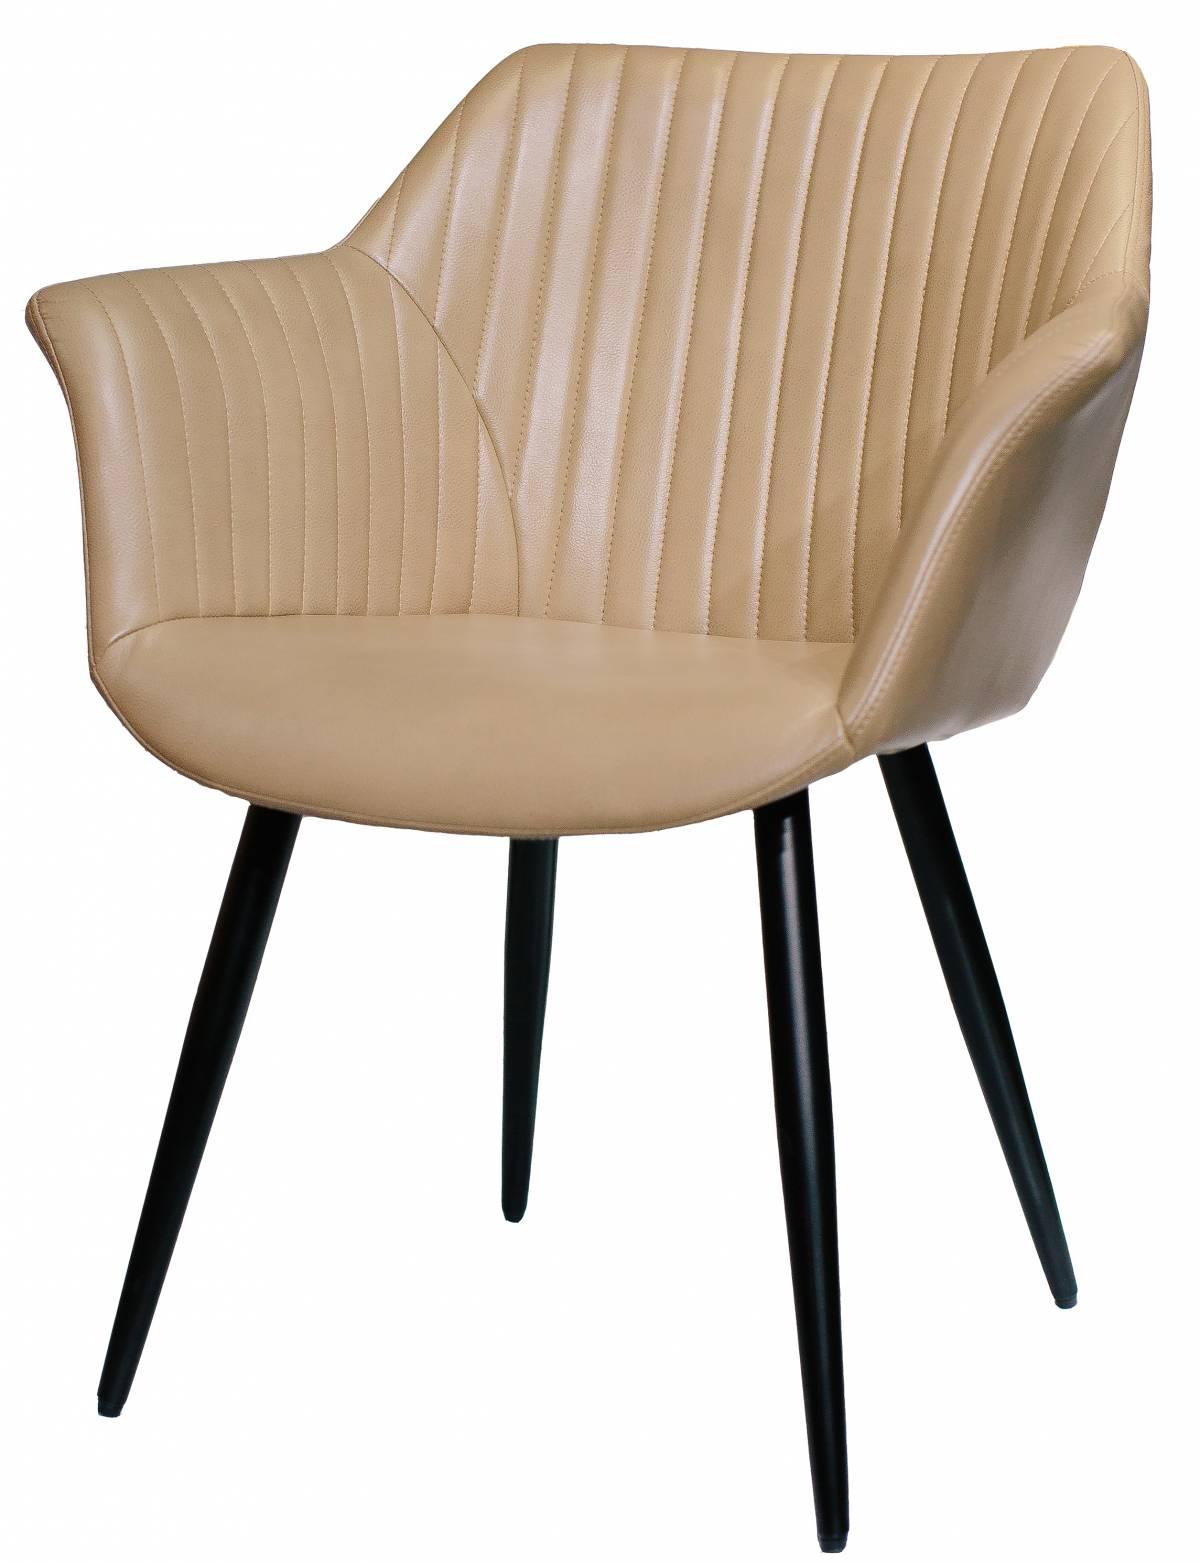 Купить деревянный стул с подлокотниками Blues в Raroom